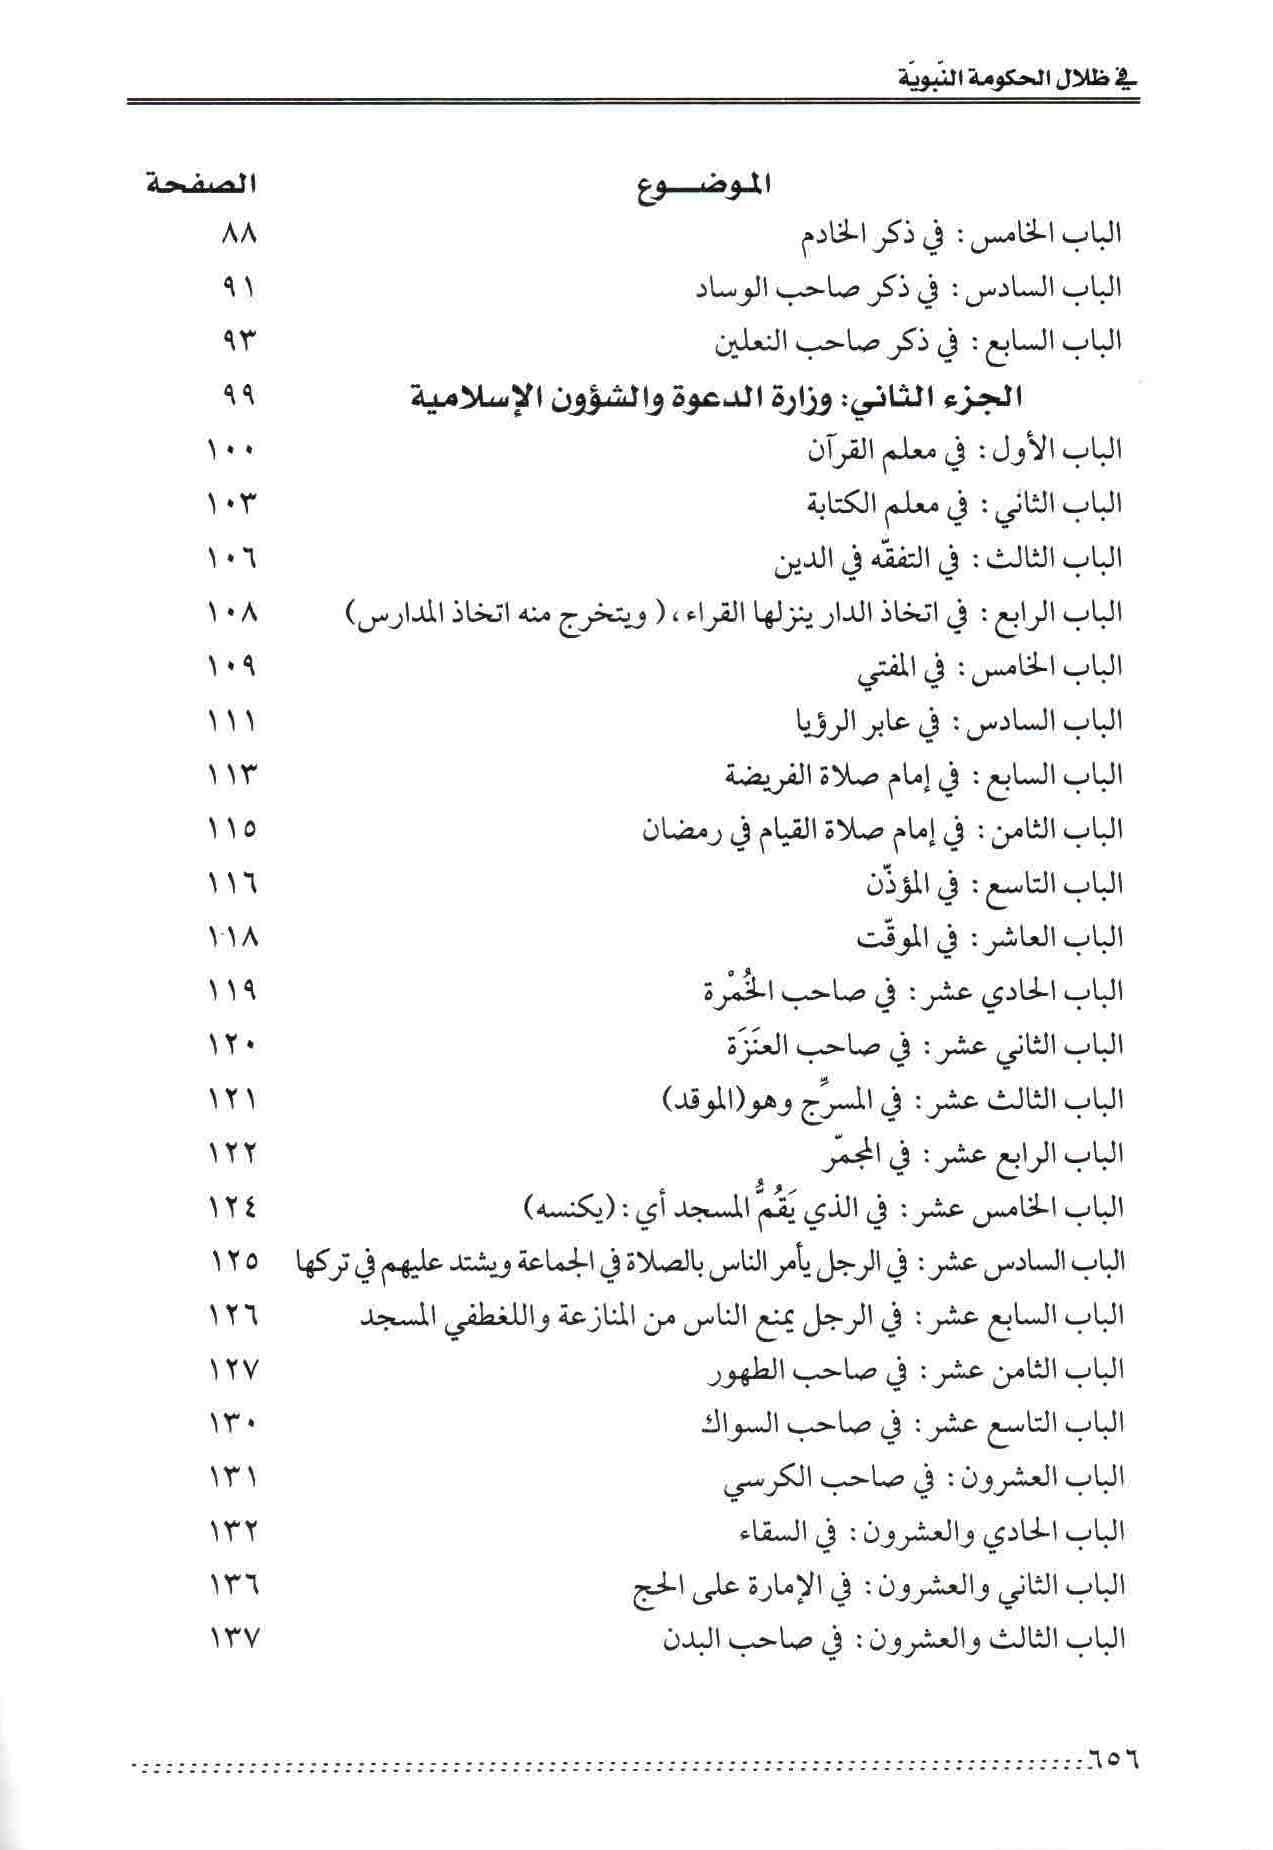 ص 56 محتويات كتاب نظام الحكومة النبوية المسمي التراتيب الإدارية